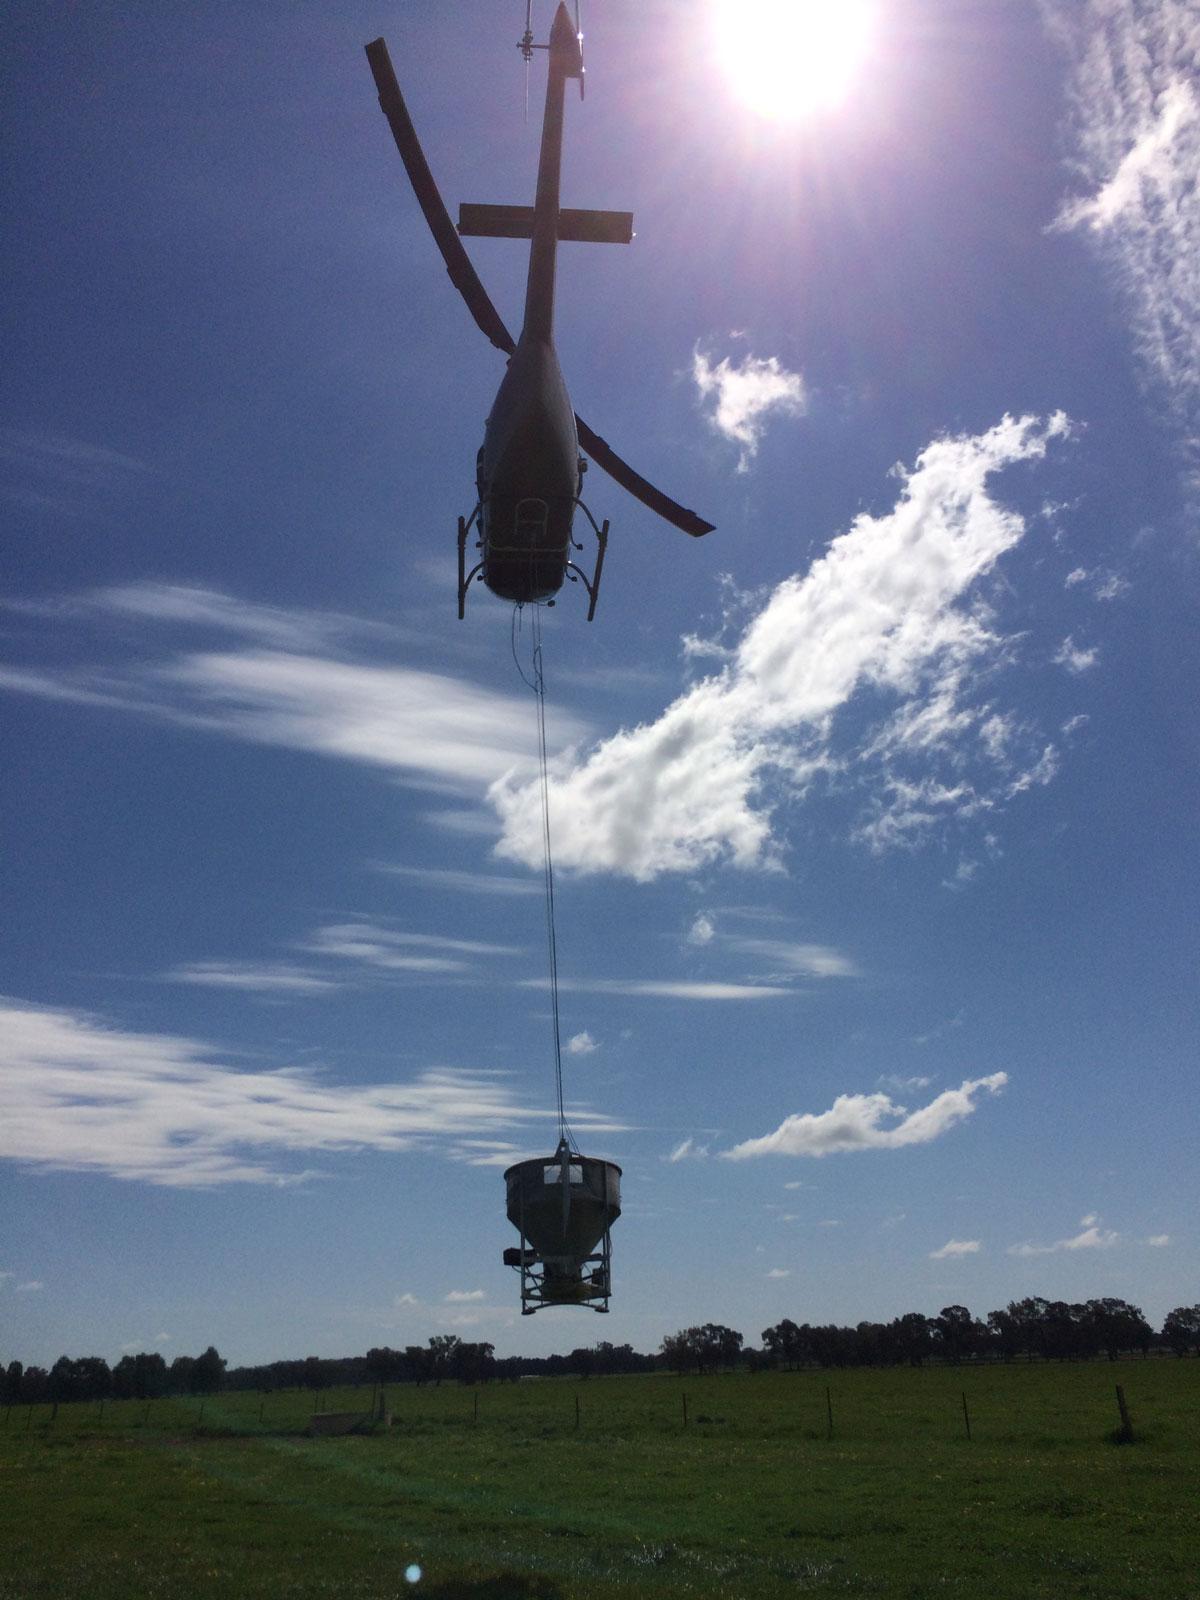 Fertilister in the Jetranger Helicopter